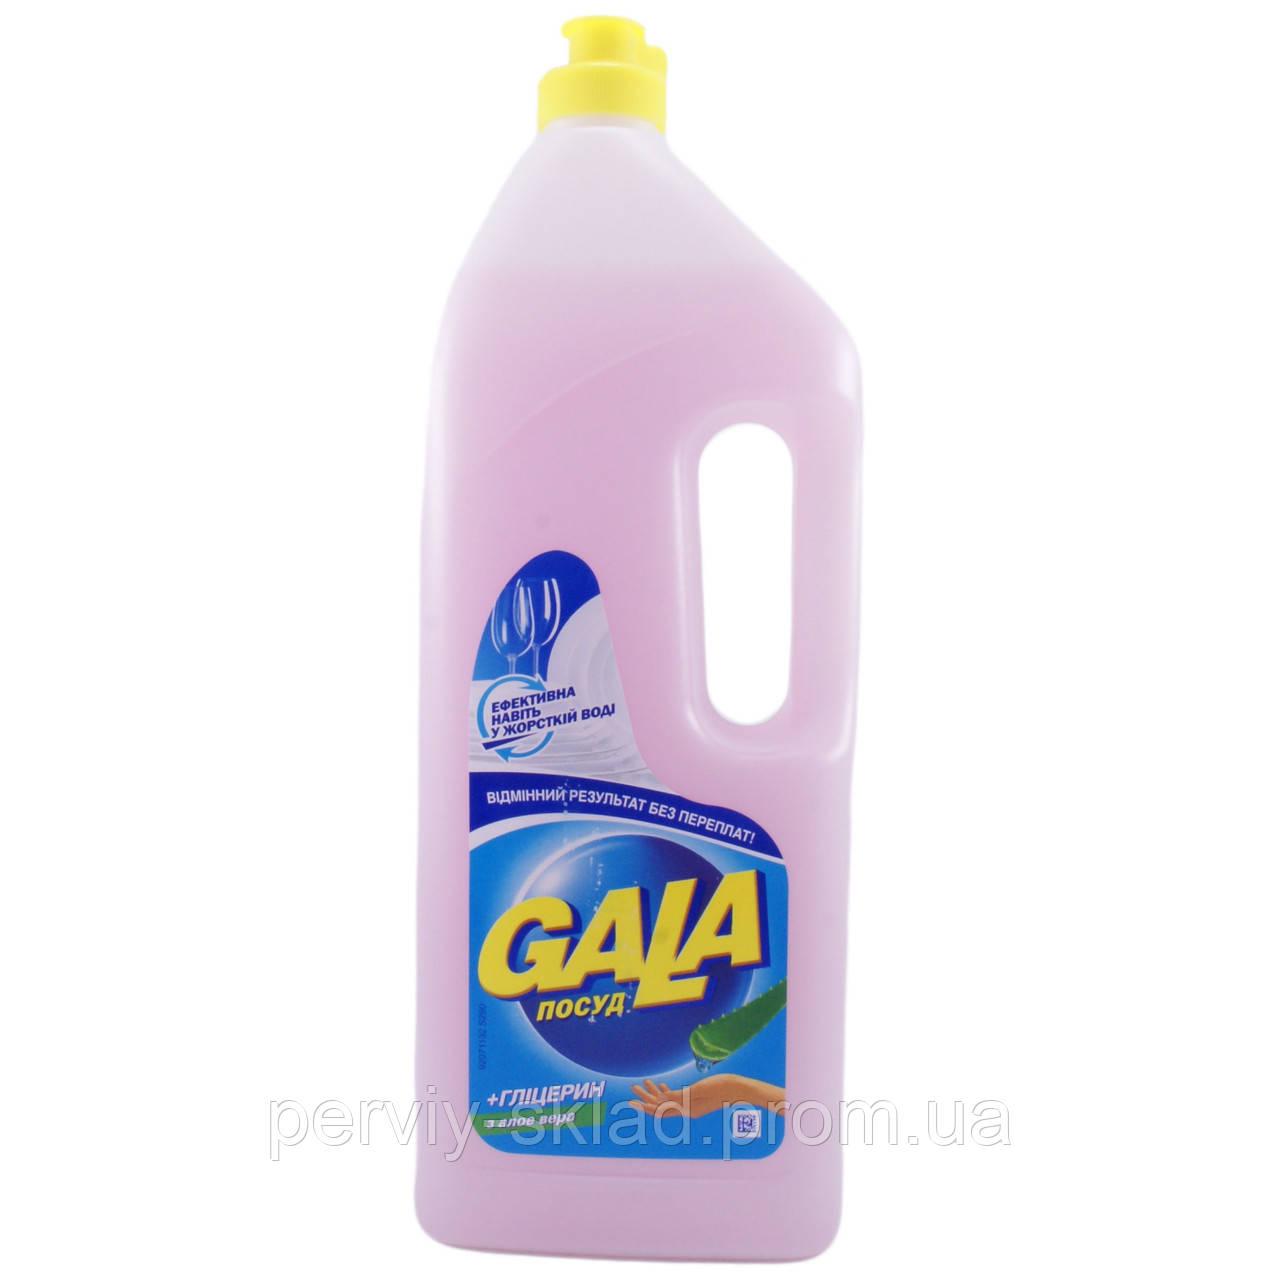 Средство для мытья посуды Gala  бальзам 1 л